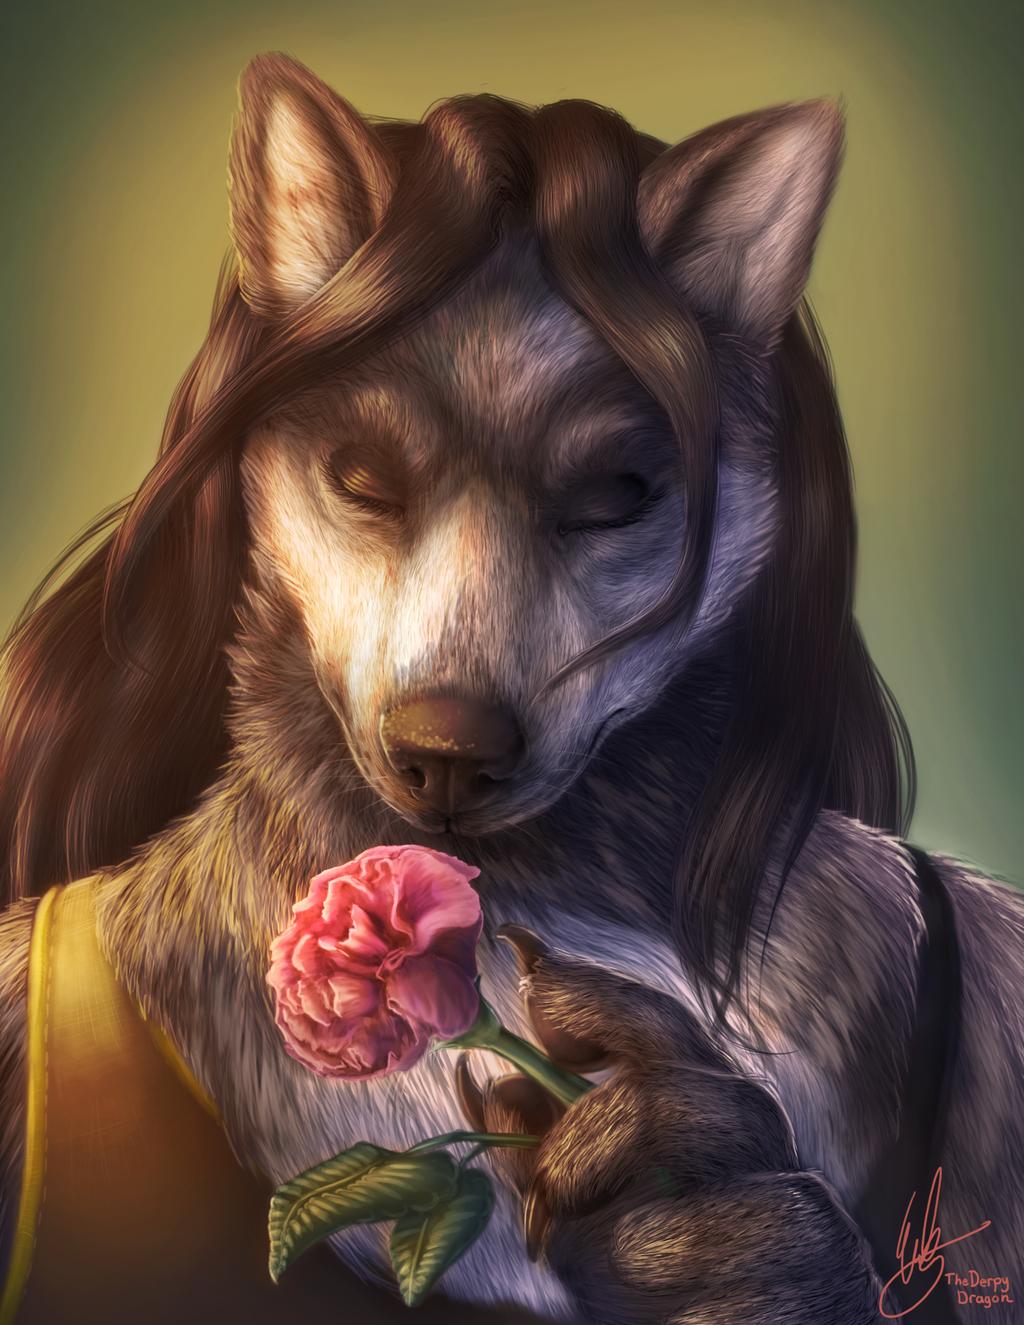 Rose - 2016